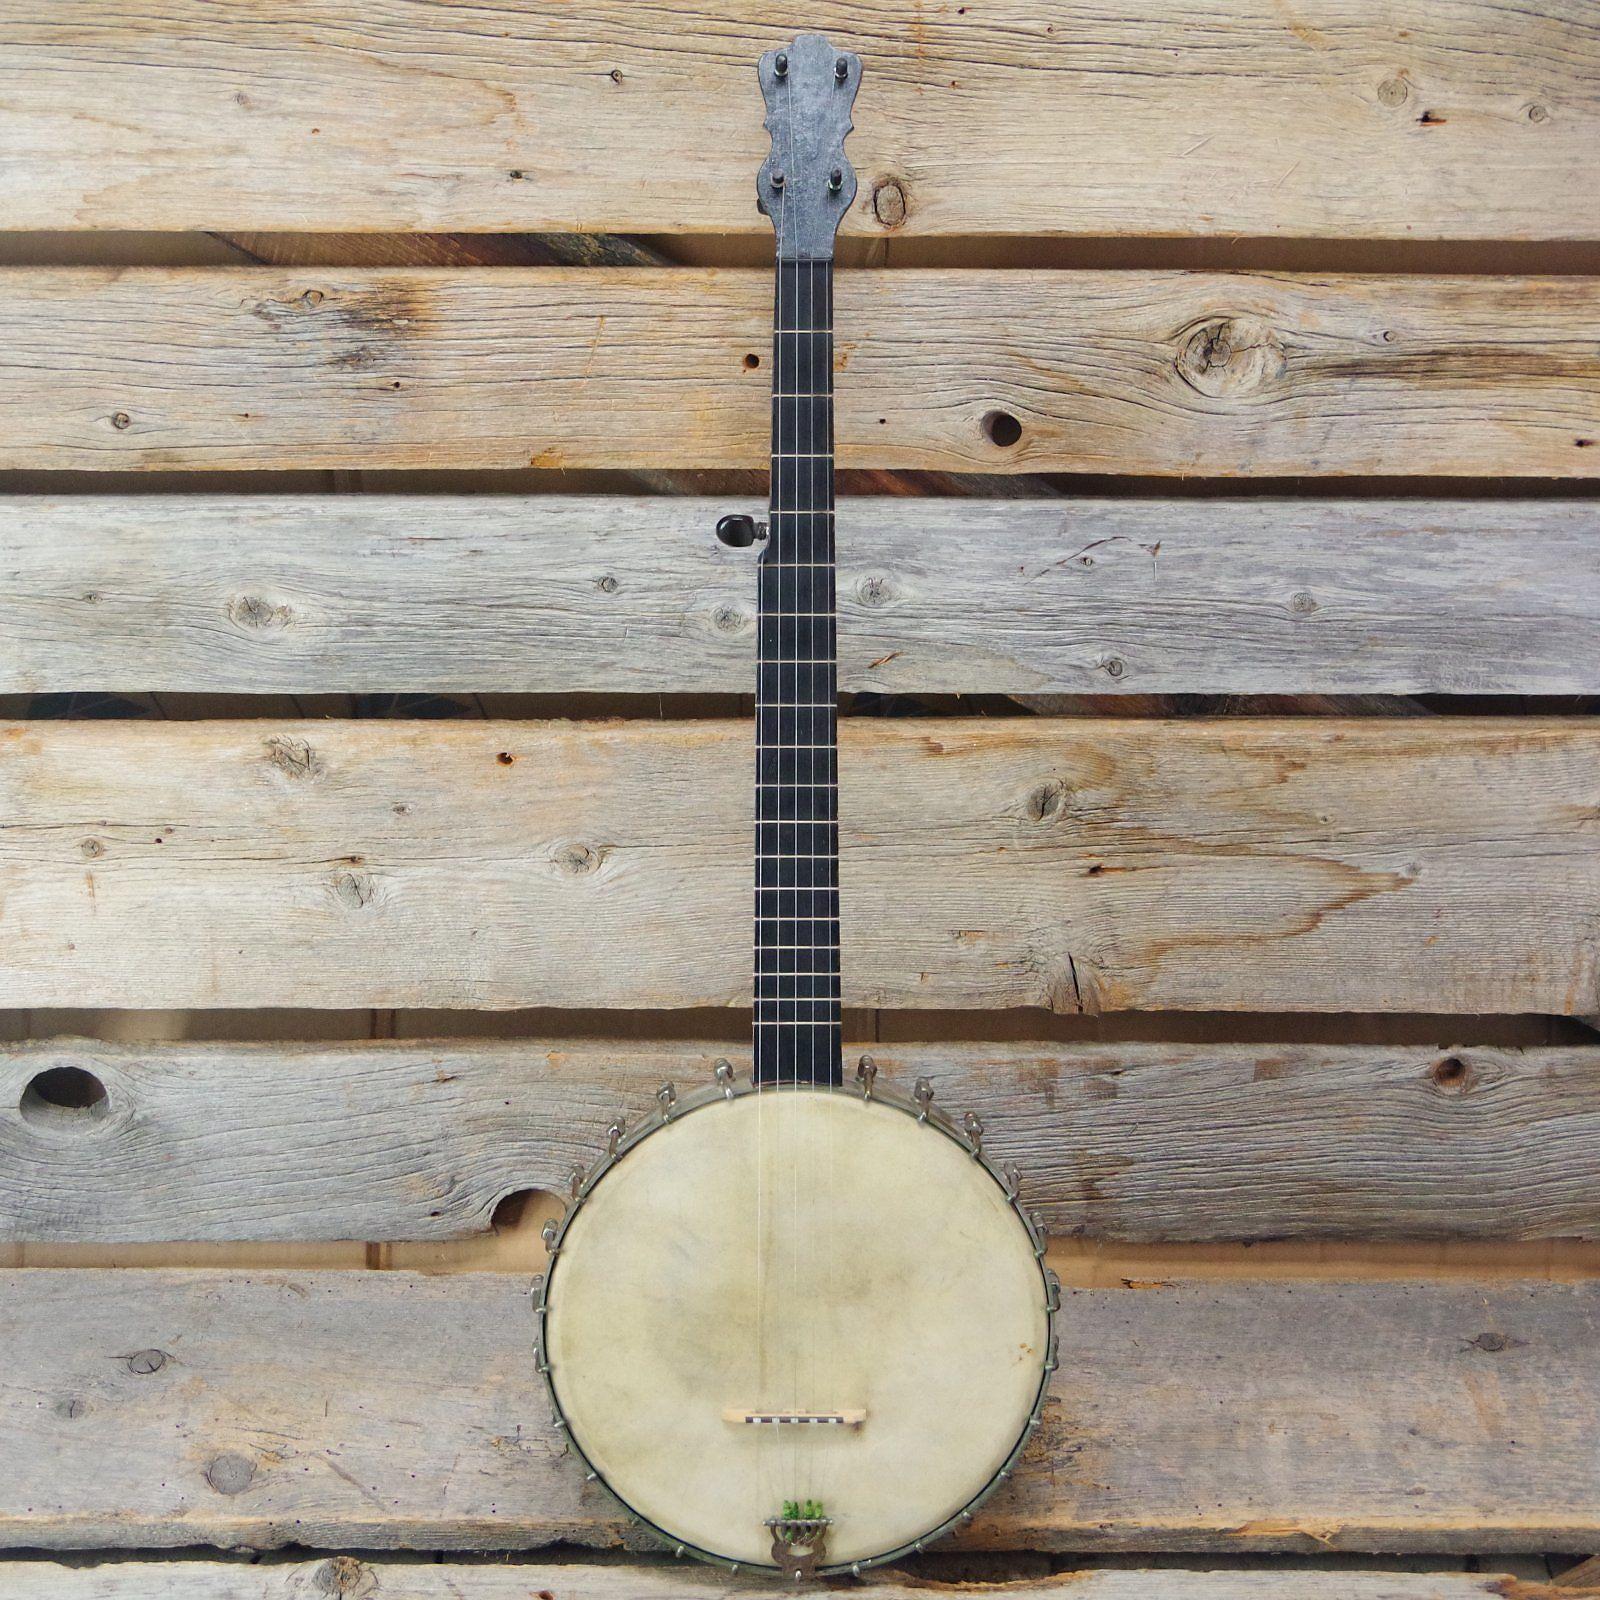 Lyon & Healy 5-String Banjo, 1900